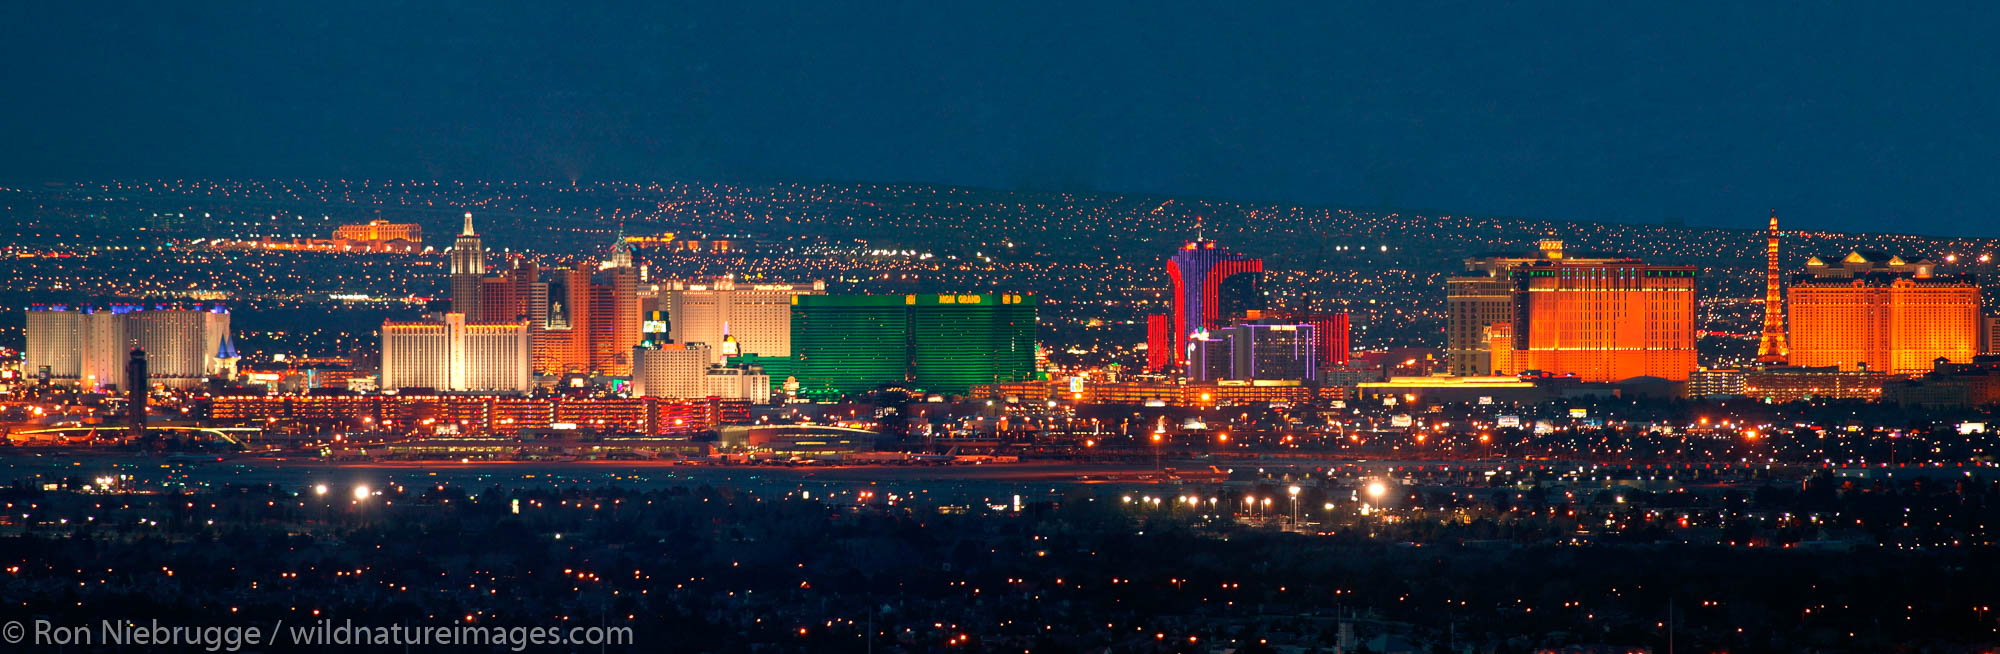 Las Vegas Strip at night, Nevada.